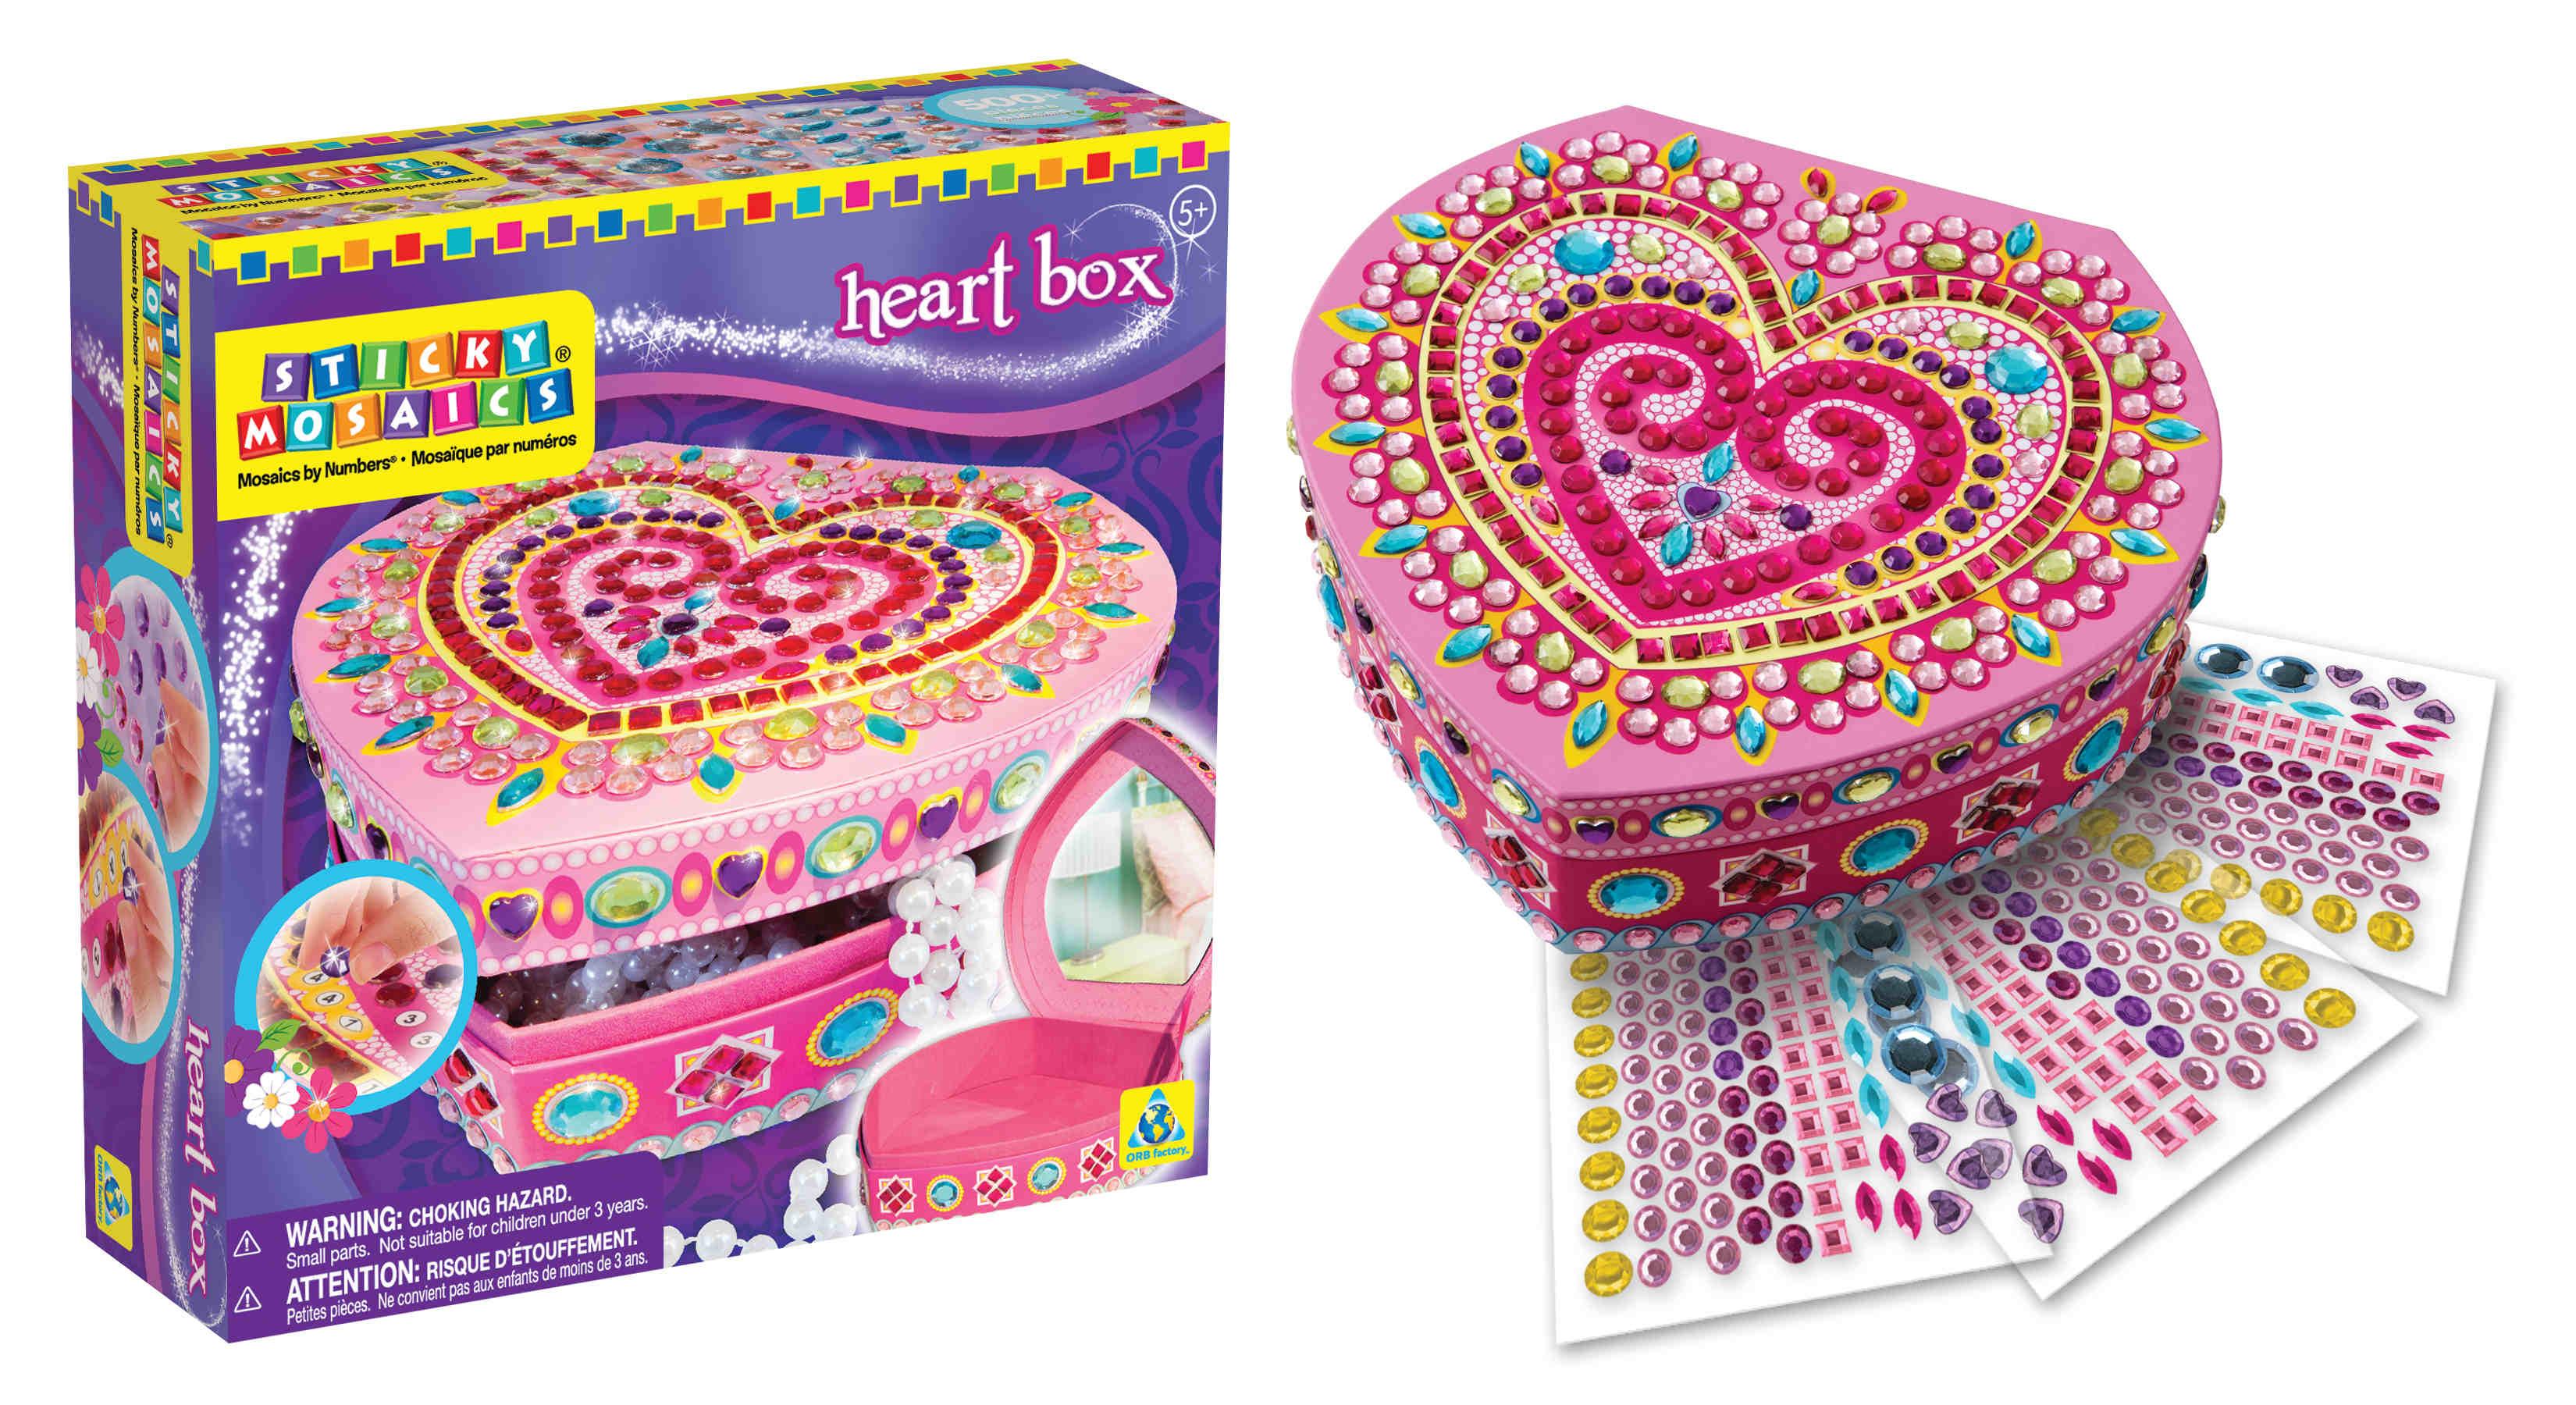 Мозаика-шкатулка. Сердечко арт. 05065 origami мозаика шкатулка складная сердечко оригами